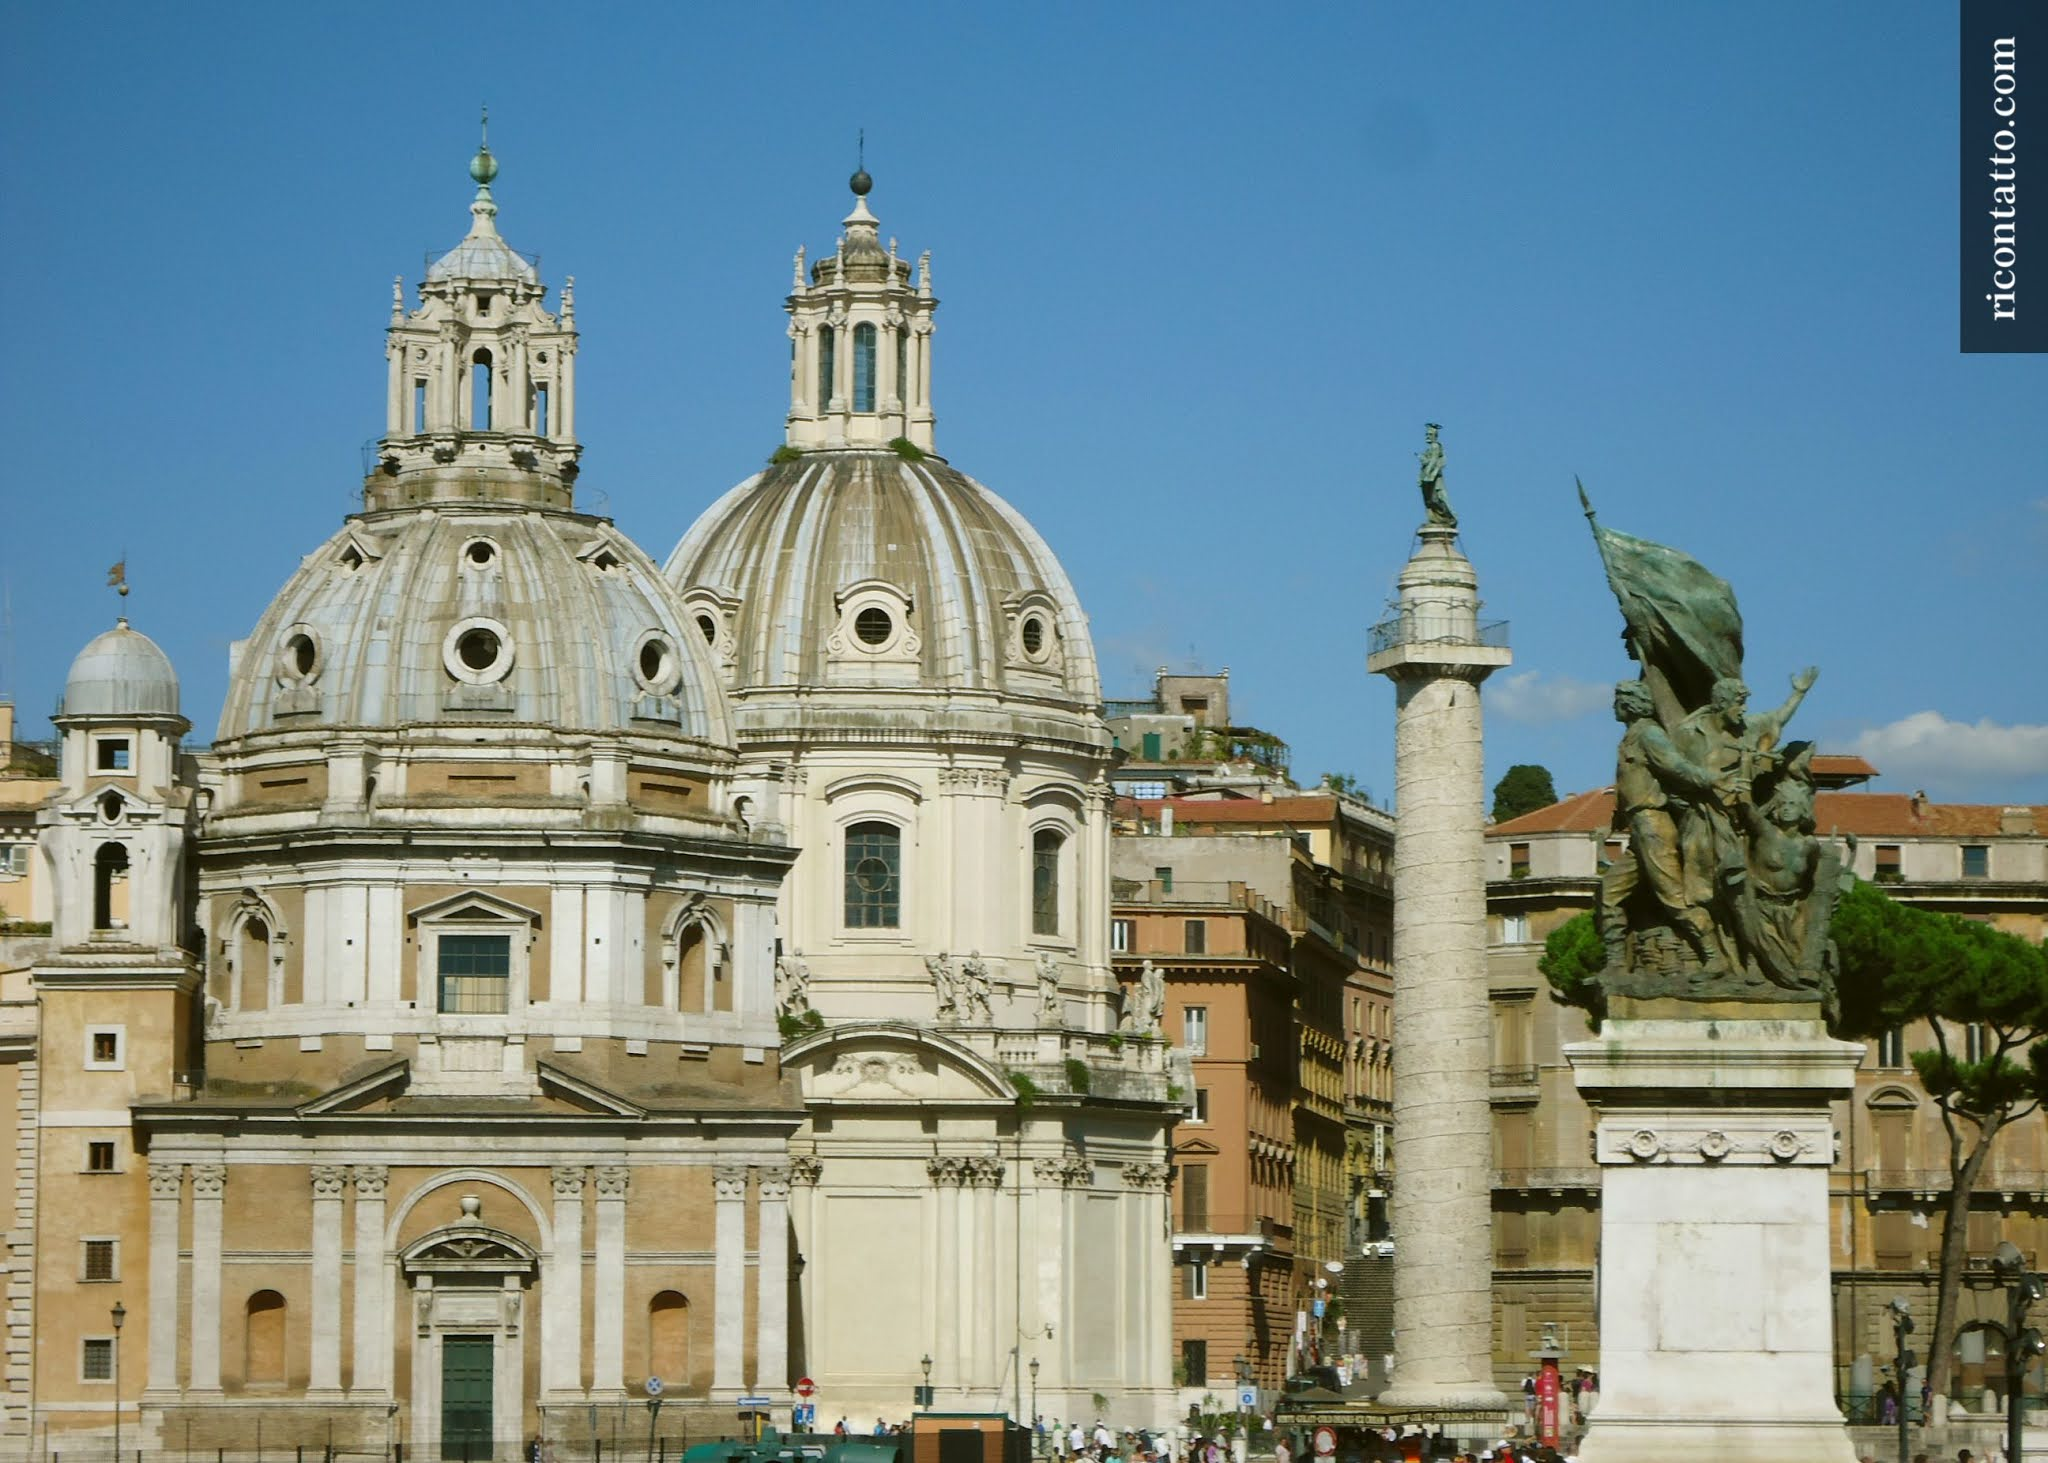 Roma, Lazio, Italy - Photo #08 by Ricontatto.com